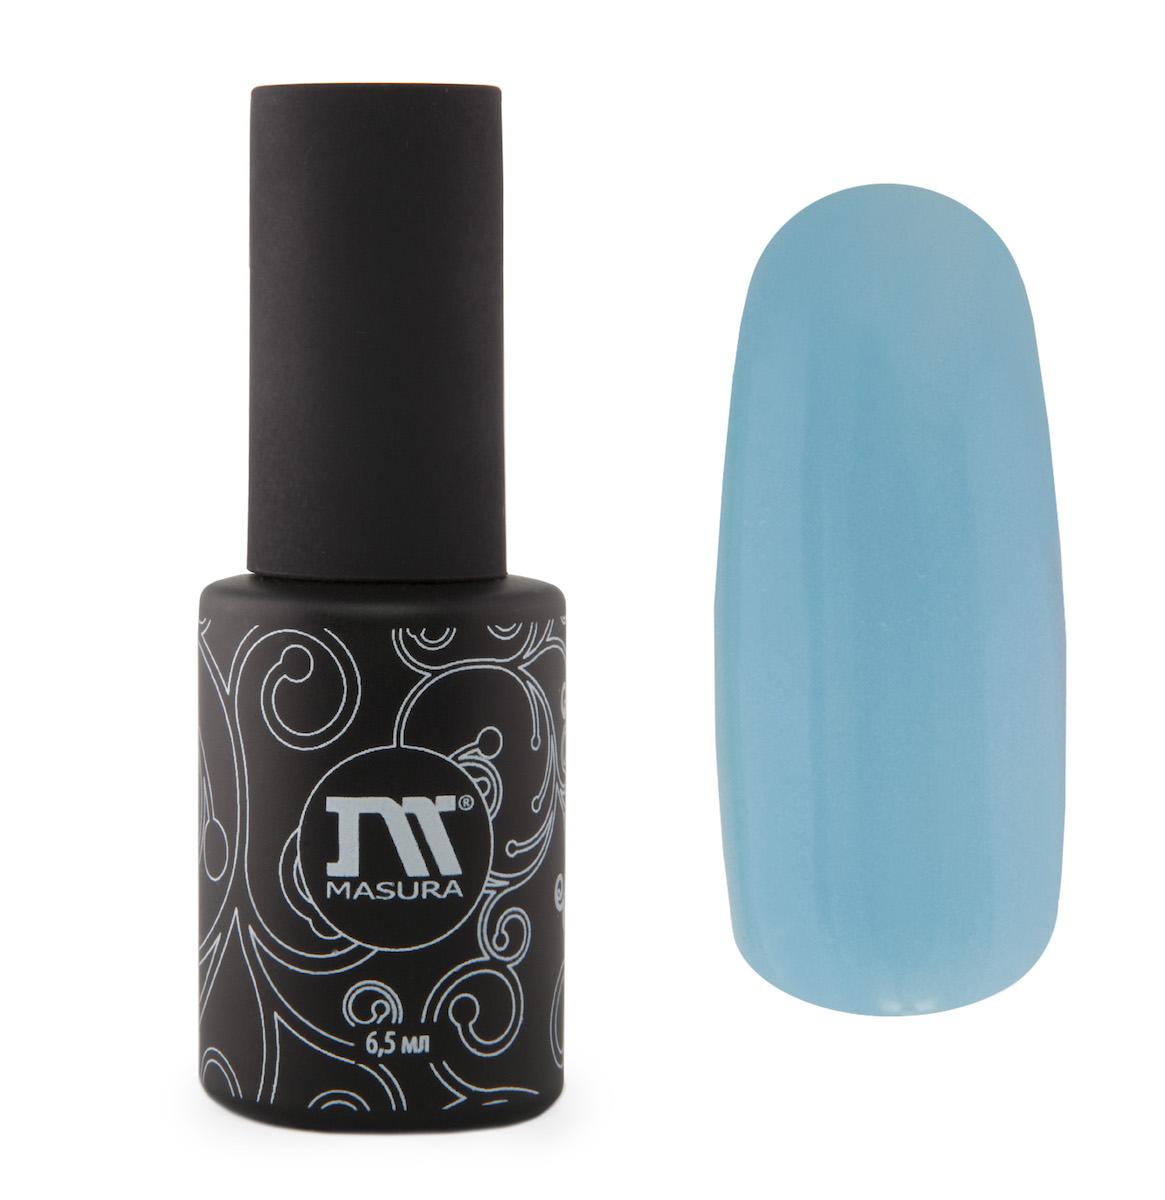 Masura Гель-лак трехфазный Люми-Спейс, тон №297-04, 6,5 мл297-04Очень яркий и сочный оттенок гель-лака Masura Люми-Спейс заряжает позитивом и дарит хорошее настроение на весь день. Цвет получается ярко-голубой, плотный. Этот гель-лак выделяется среди других оттенков не только своим оптимистичным и пронзительным цветом. Есть в нем еще один необычный скрытый эффект. Зарядившись солнечным светом в течение дня, он поразит всех своим свечением в темноте! С таким гель-лаком невозможно остаться незамеченной - ни днем, ни ночью! Товар сертифицирован.